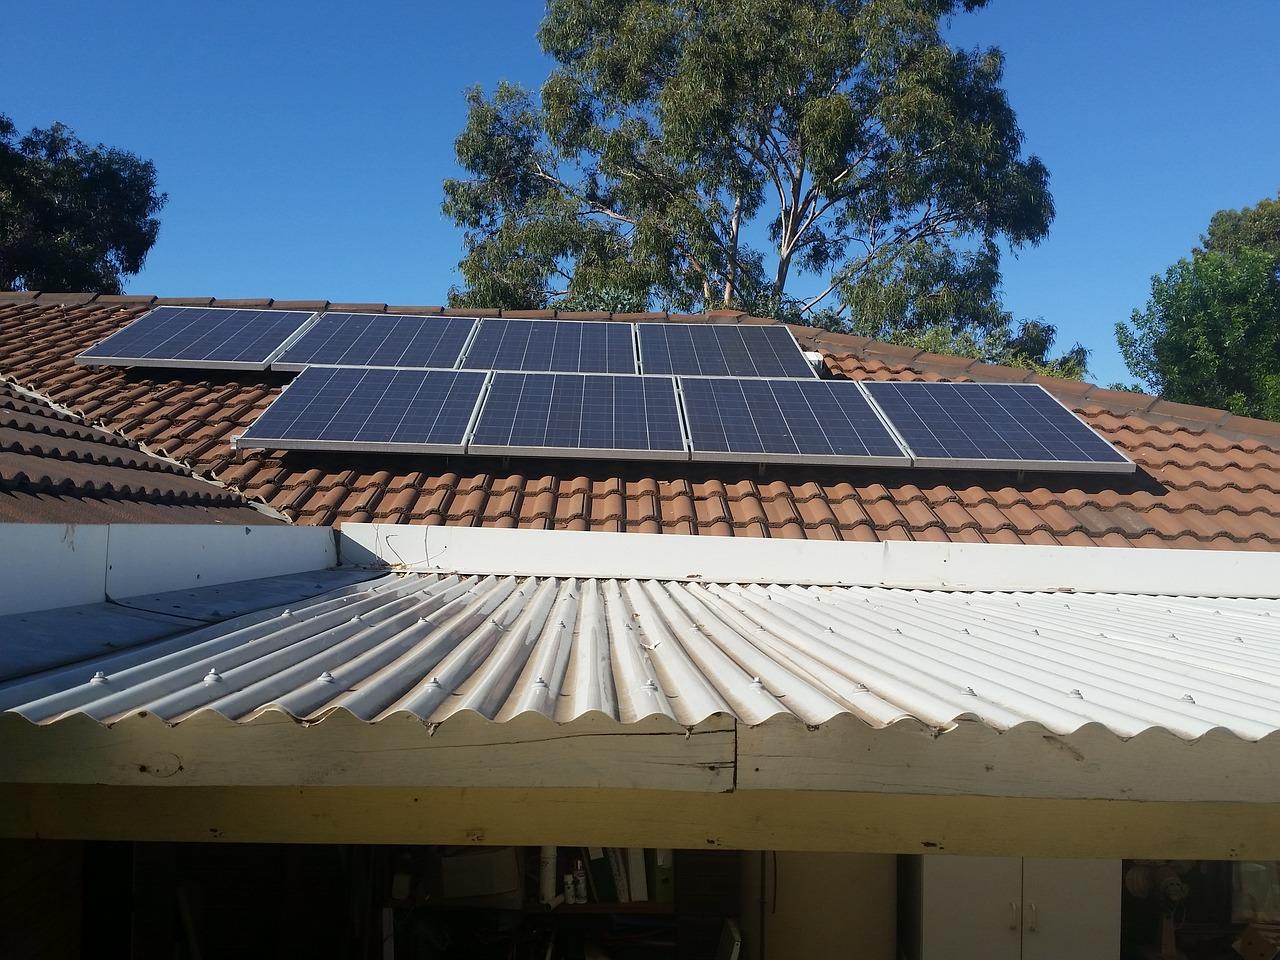 Impianti fotovoltaici a costo zero, interviene l'AGCM anche contro le finanziarie